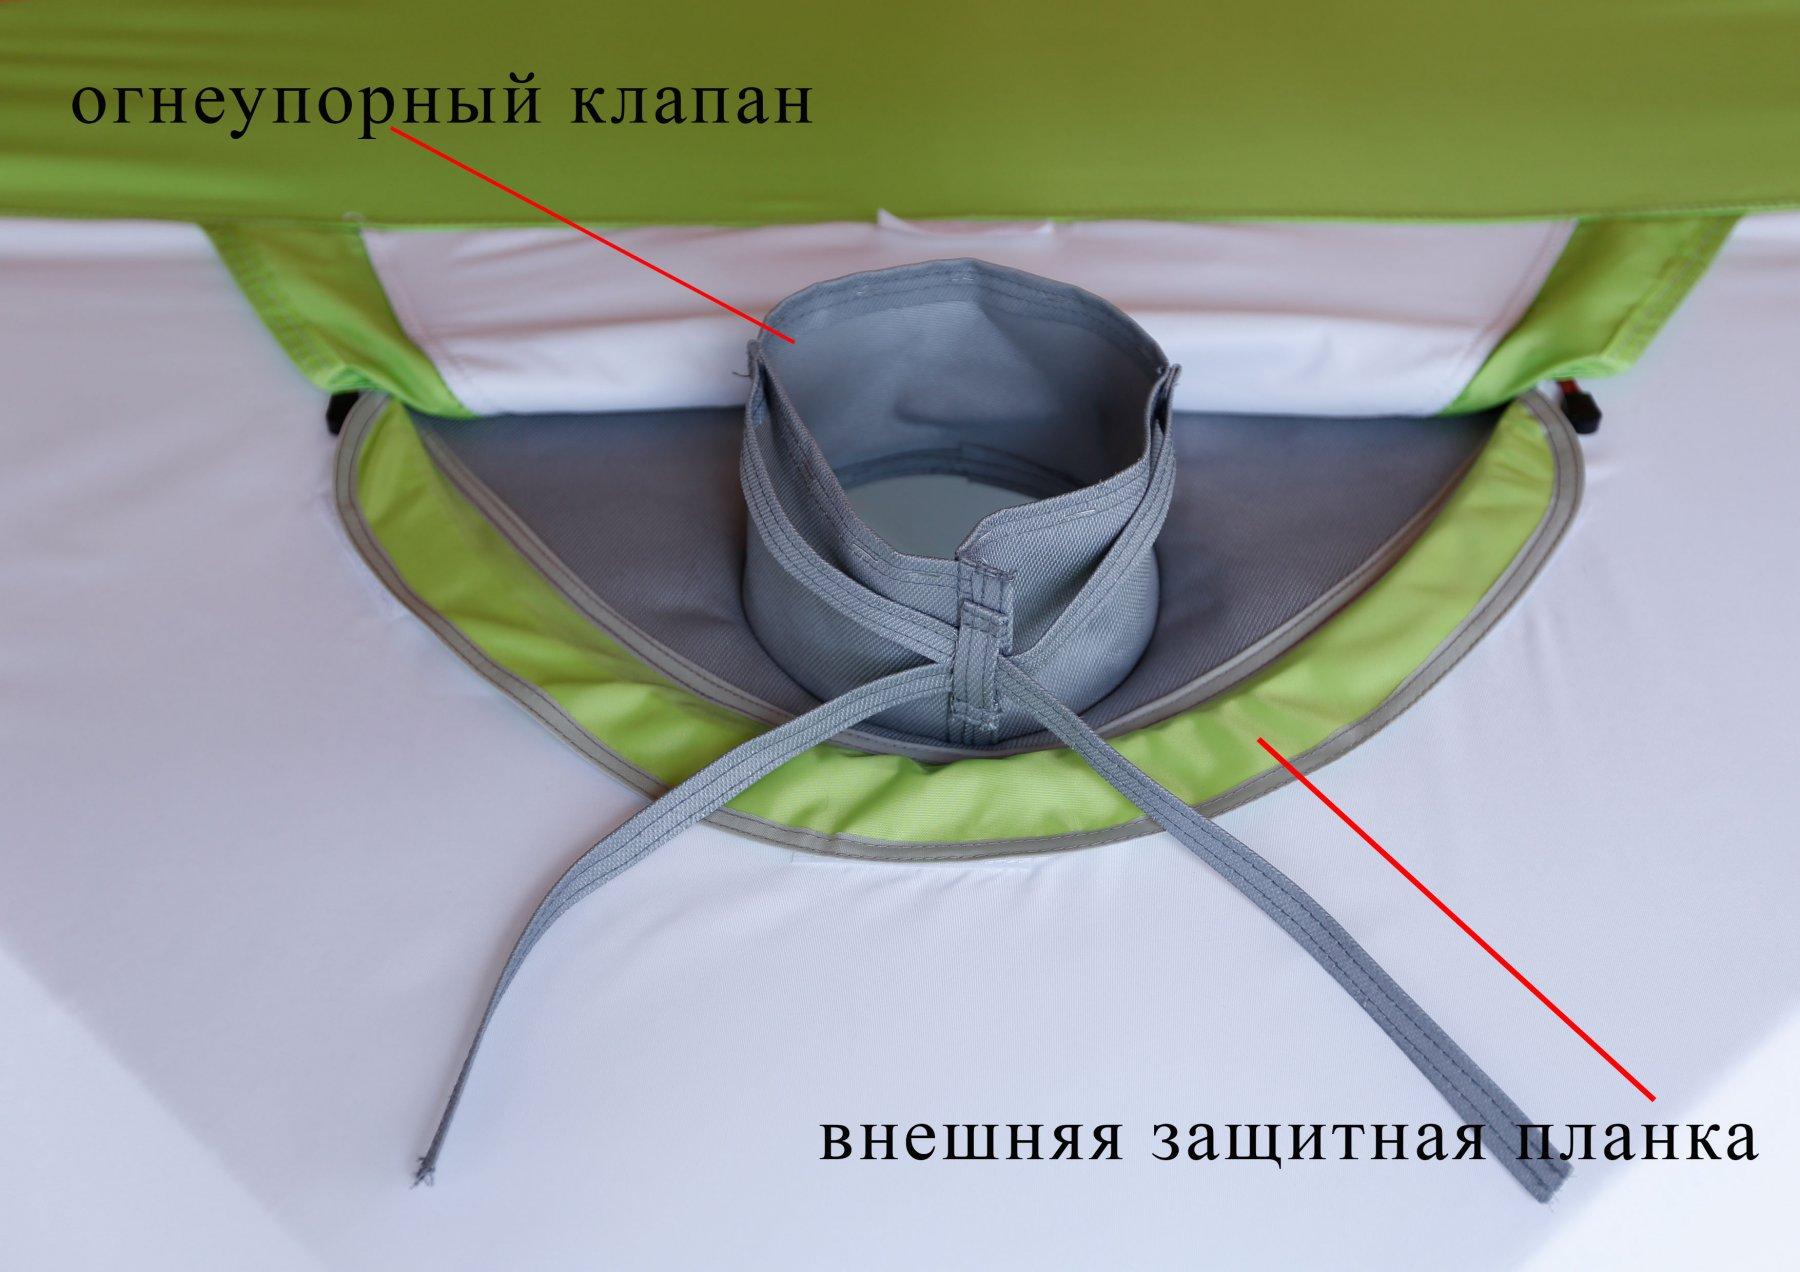 Клапан огнеупорный для палаток Лотос КУБ (кремнезем 1000°С) аксессуары для палаток тентов и шатров easton locking 340